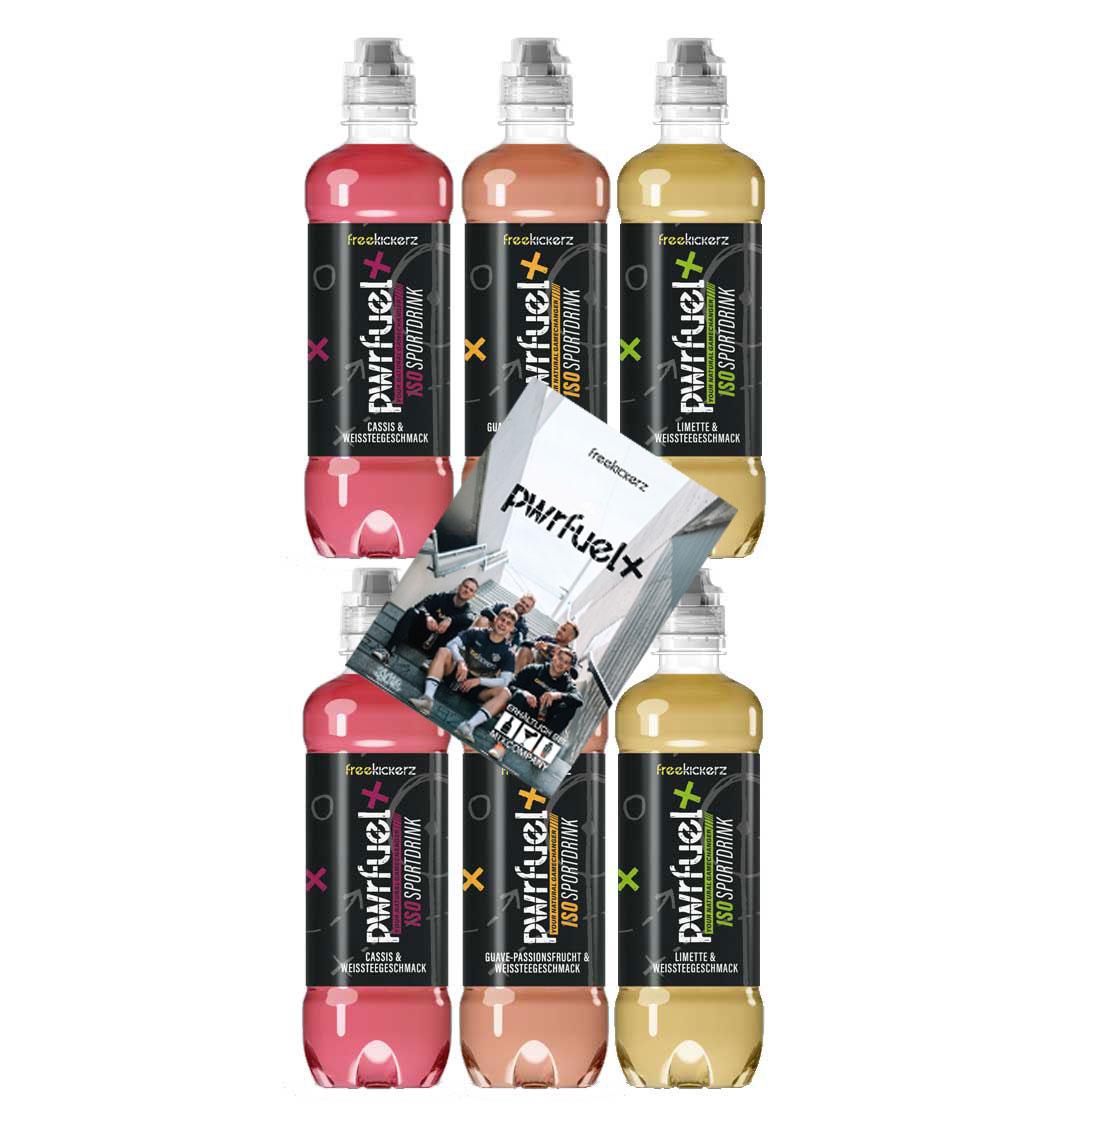 Pwrfuel 6er Tasting Set - Freekickerz Pwrfuel 2x Cassis + 2x Guave-Passionsfrucht + 2x Limette mit Autogrammkarte je 500ml Power Iso Sportdrink inkl. Pfand EINWEG